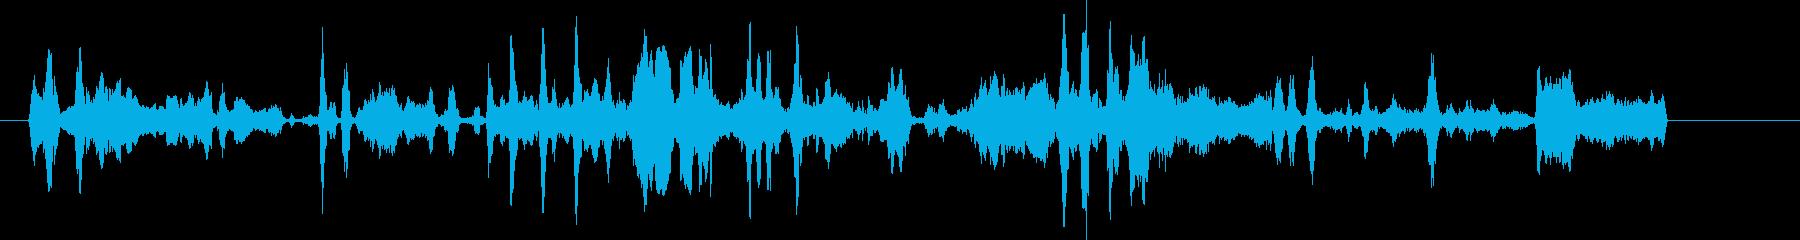 コヨーテハウル、バーク。グループの...の再生済みの波形